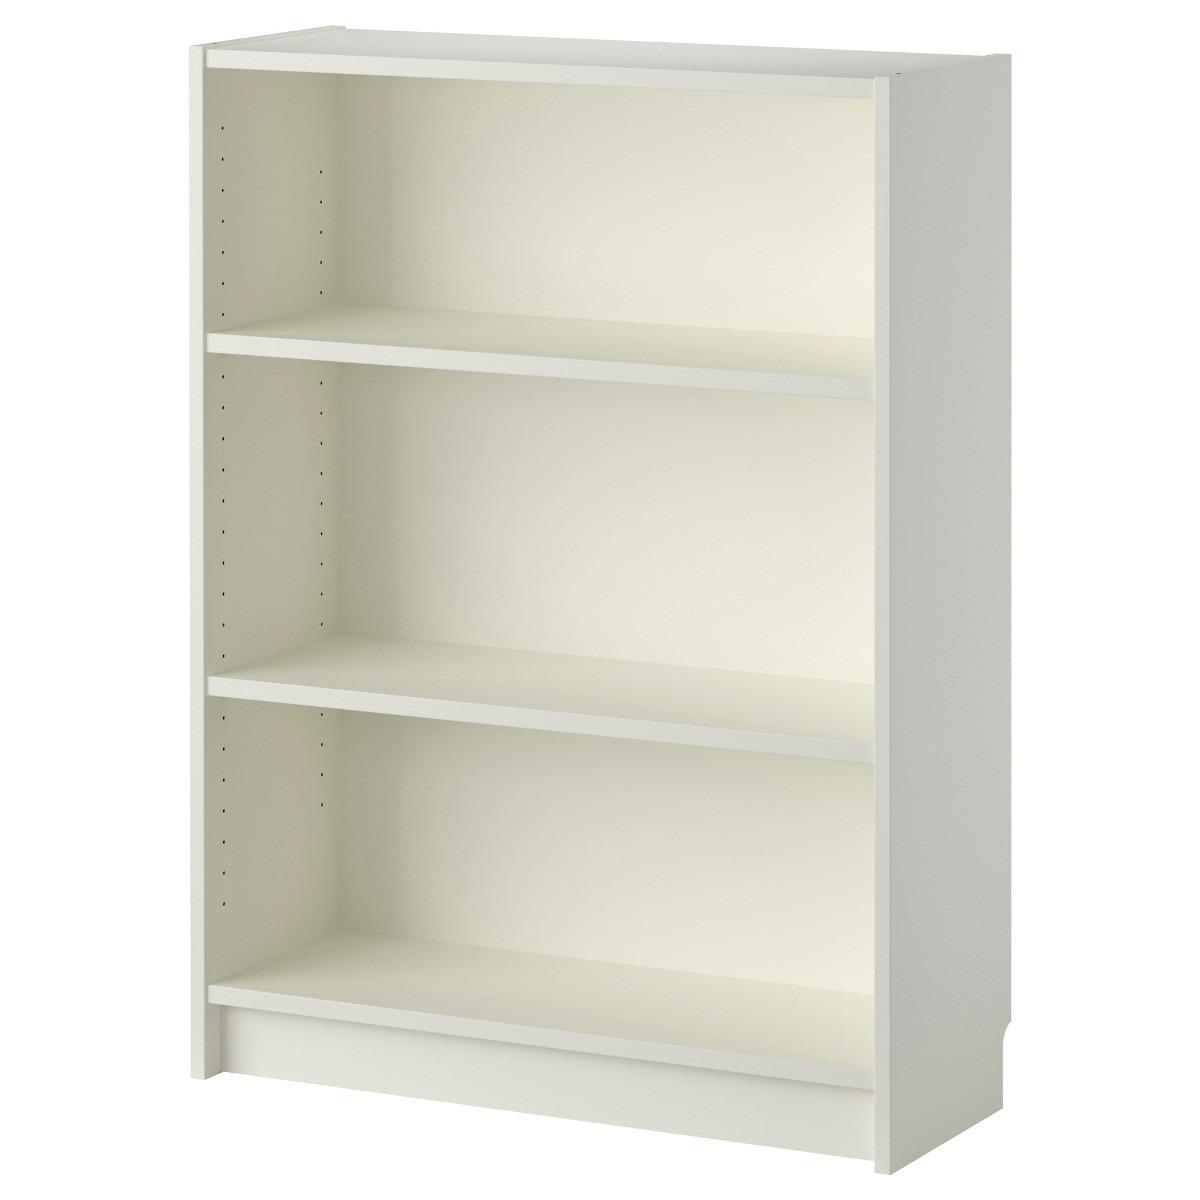 Nueva estanteria libreria blanca billy ikea u s 85 00 en for Estanteria blanca ikea